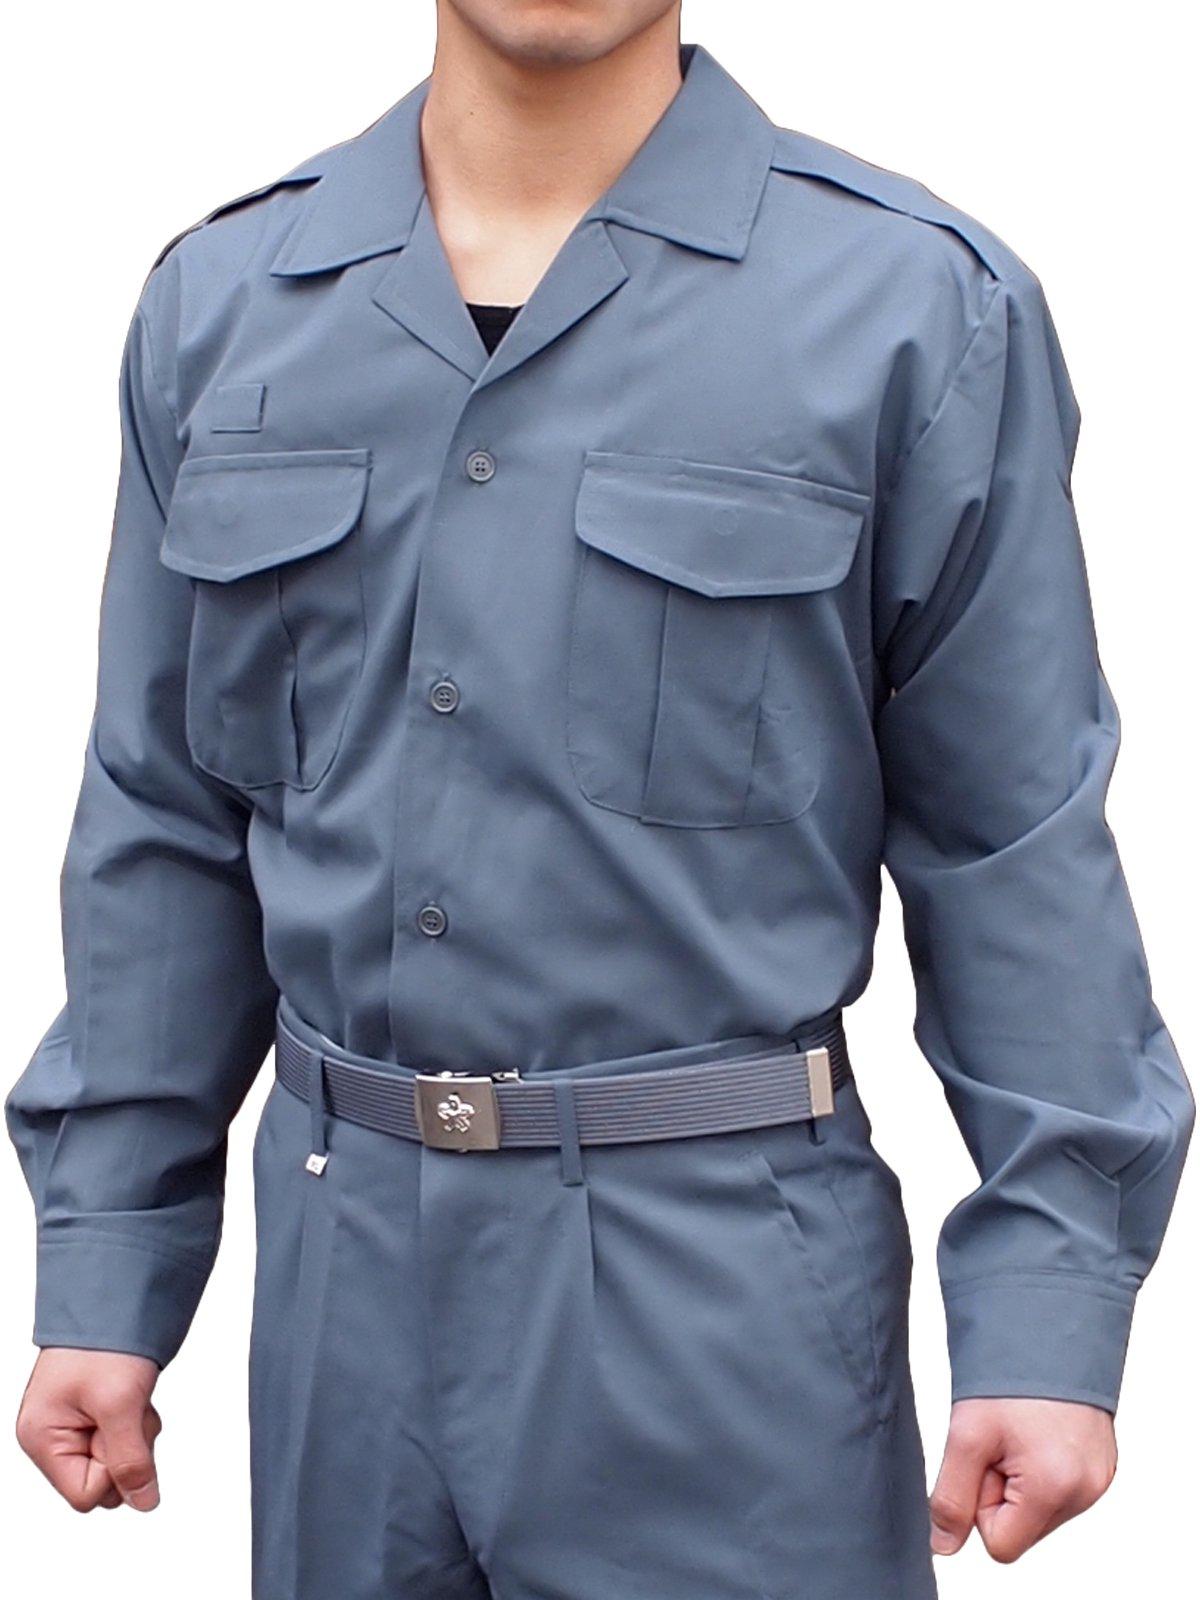 消防盛夏服(グレー)開衿長袖上衣